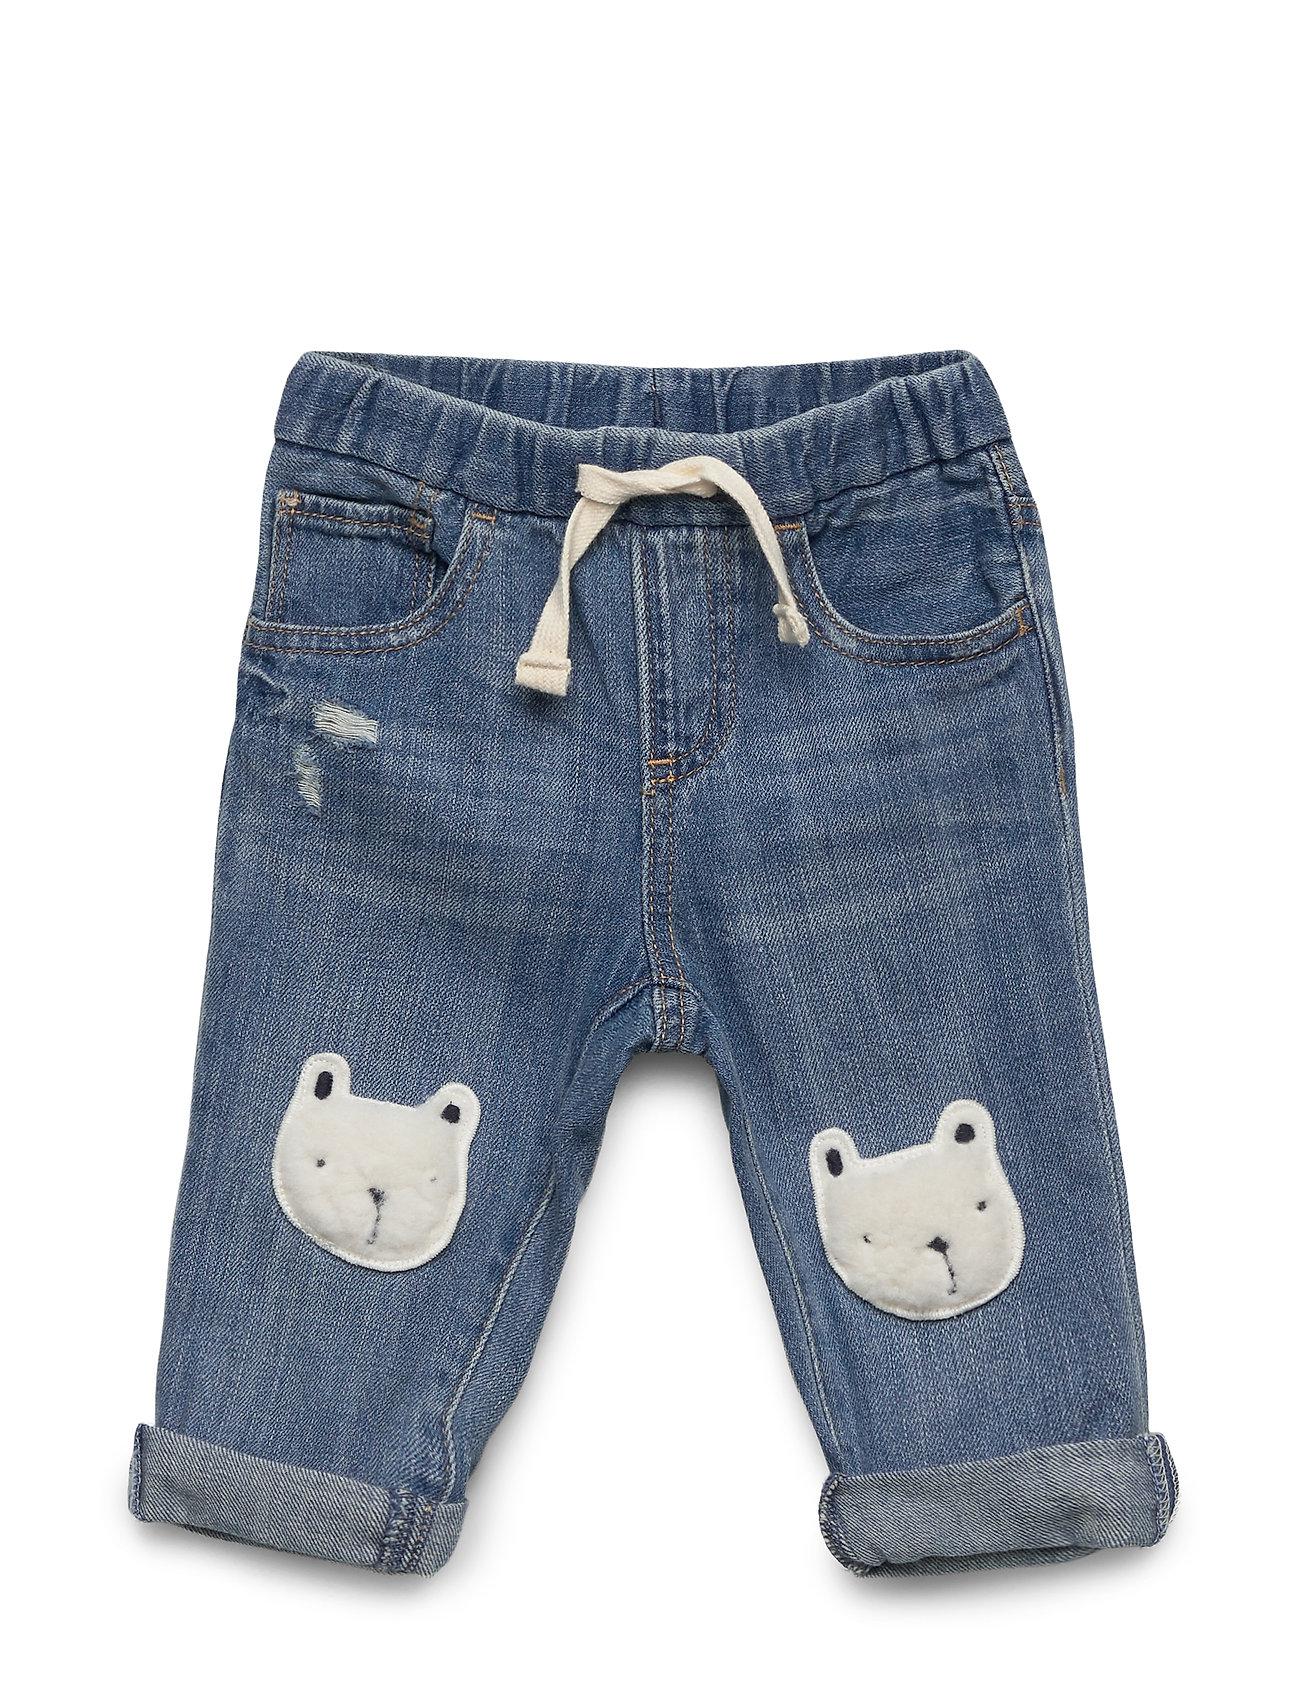 Image of Po Slim Bear Jeans Blå GAP (3341921075)